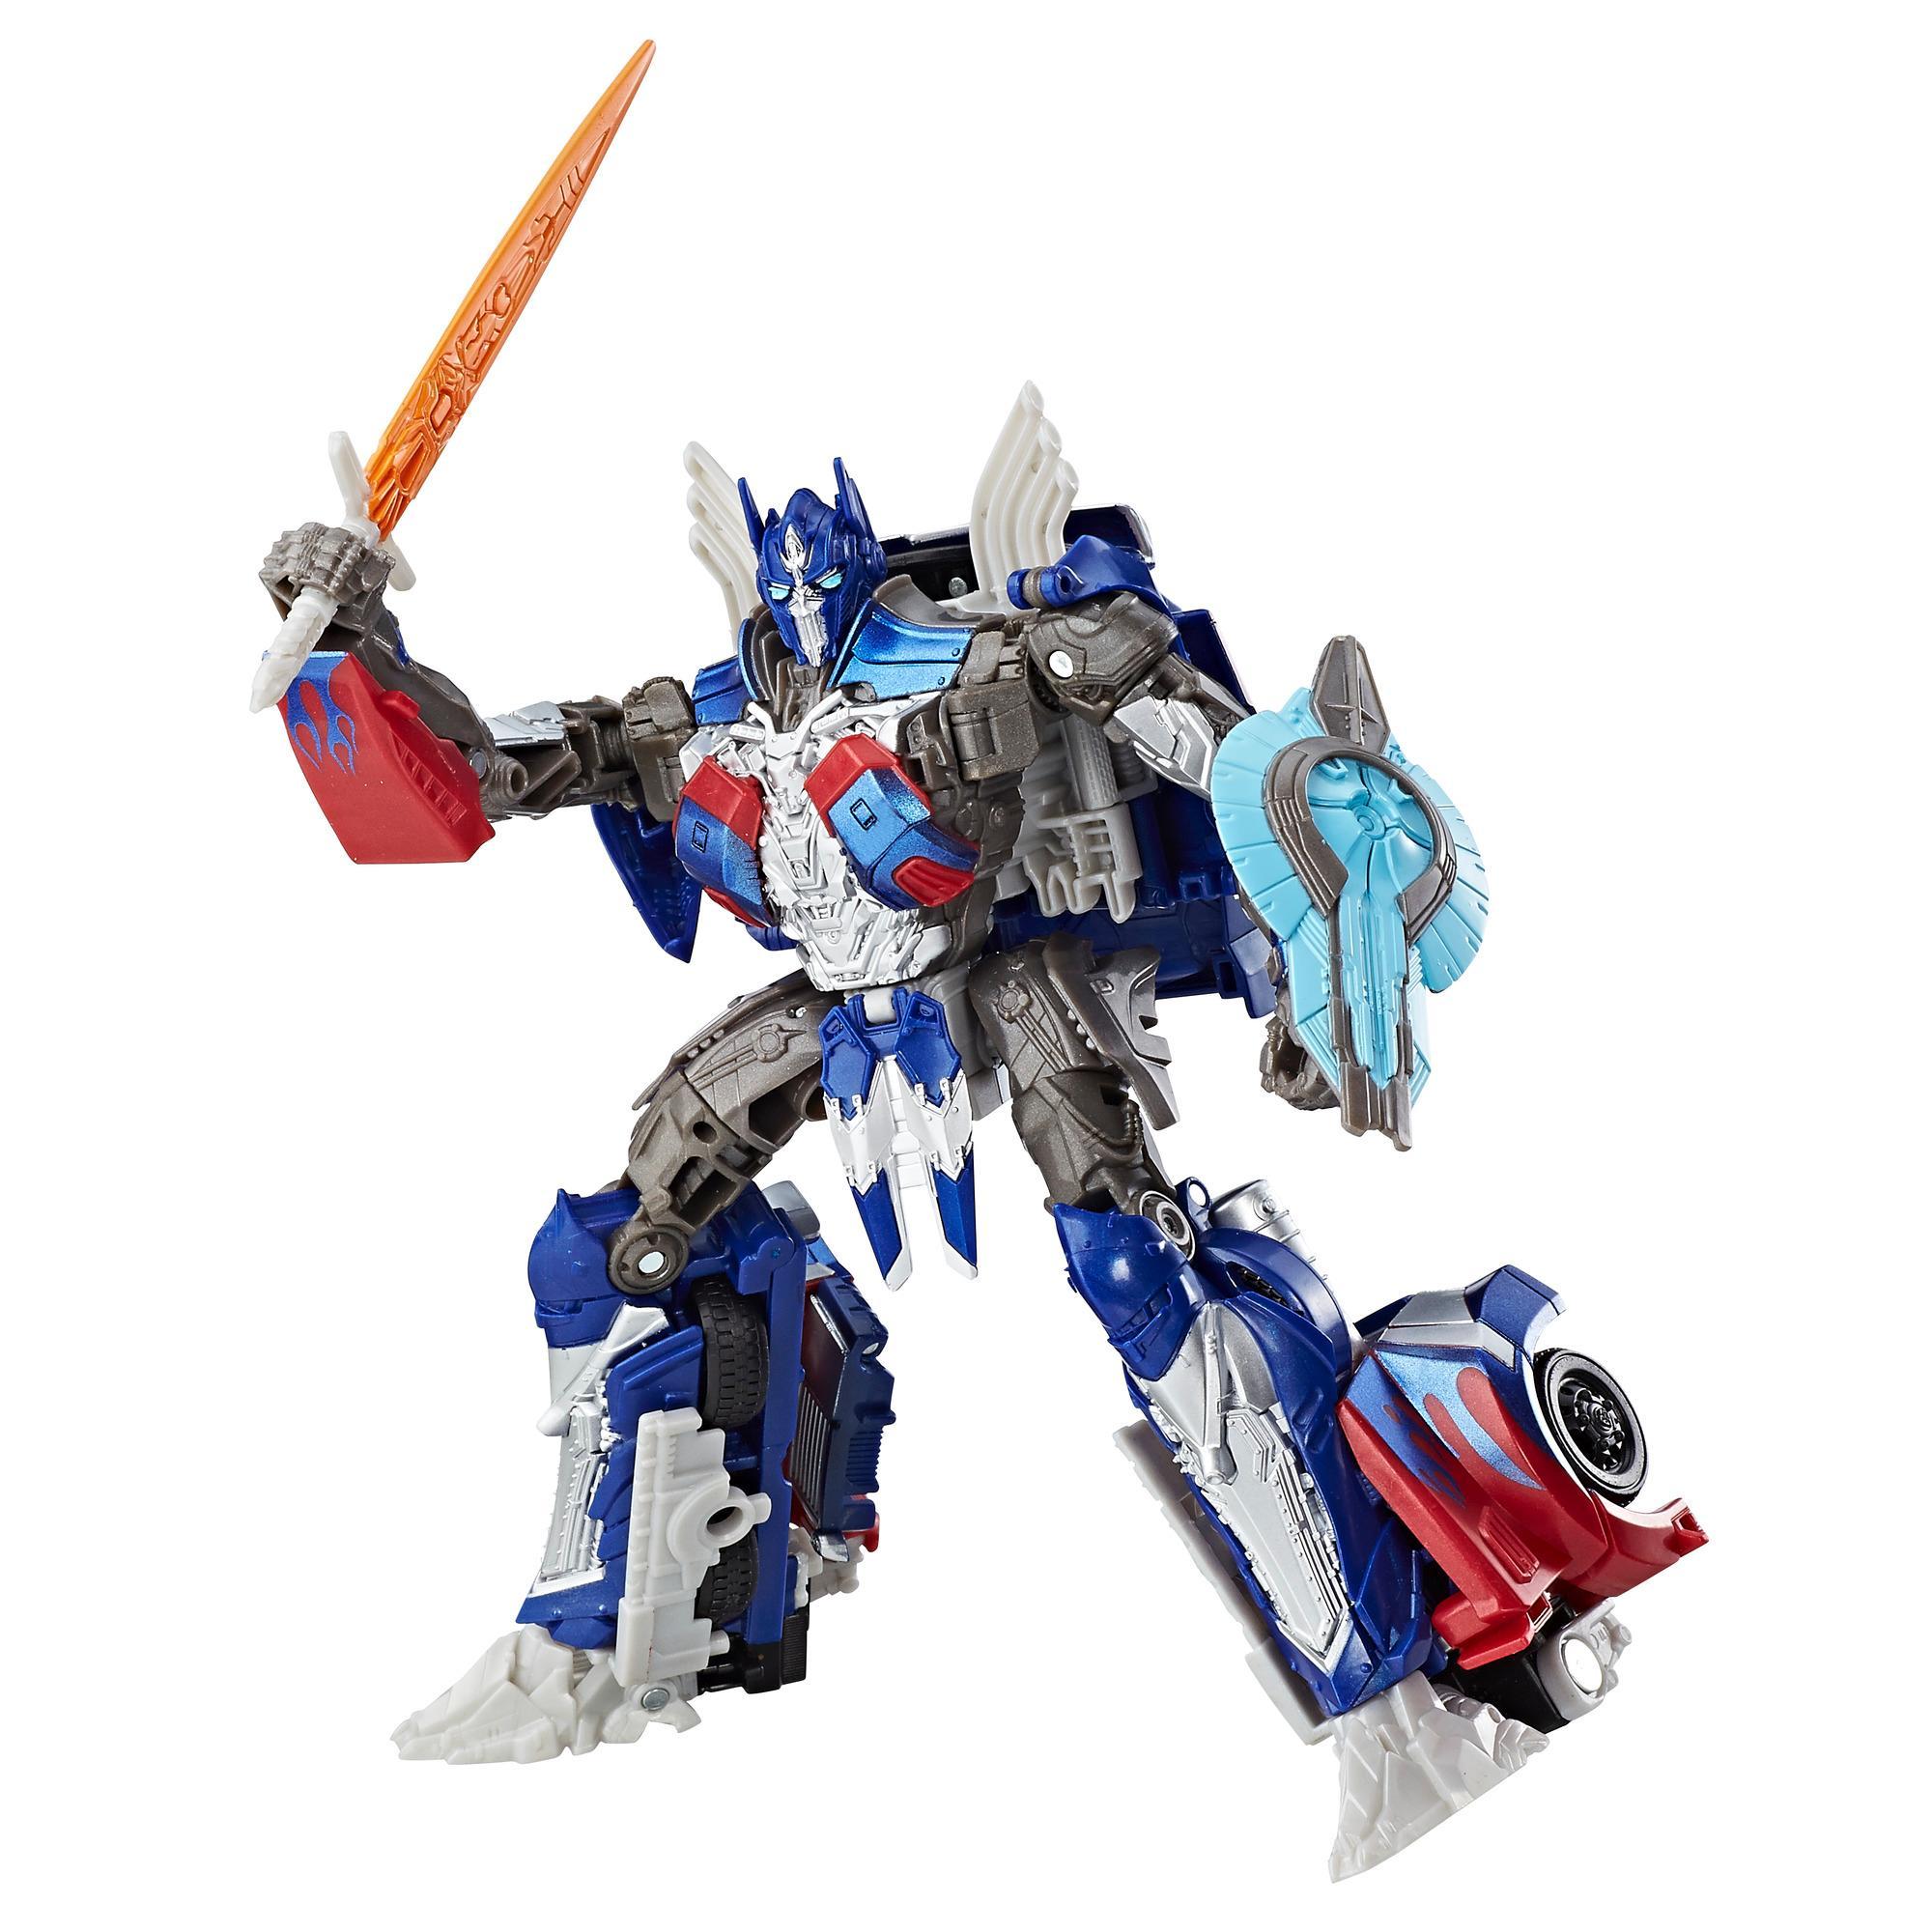 Suchergebnis auf Amazonde fr: transformers figuren